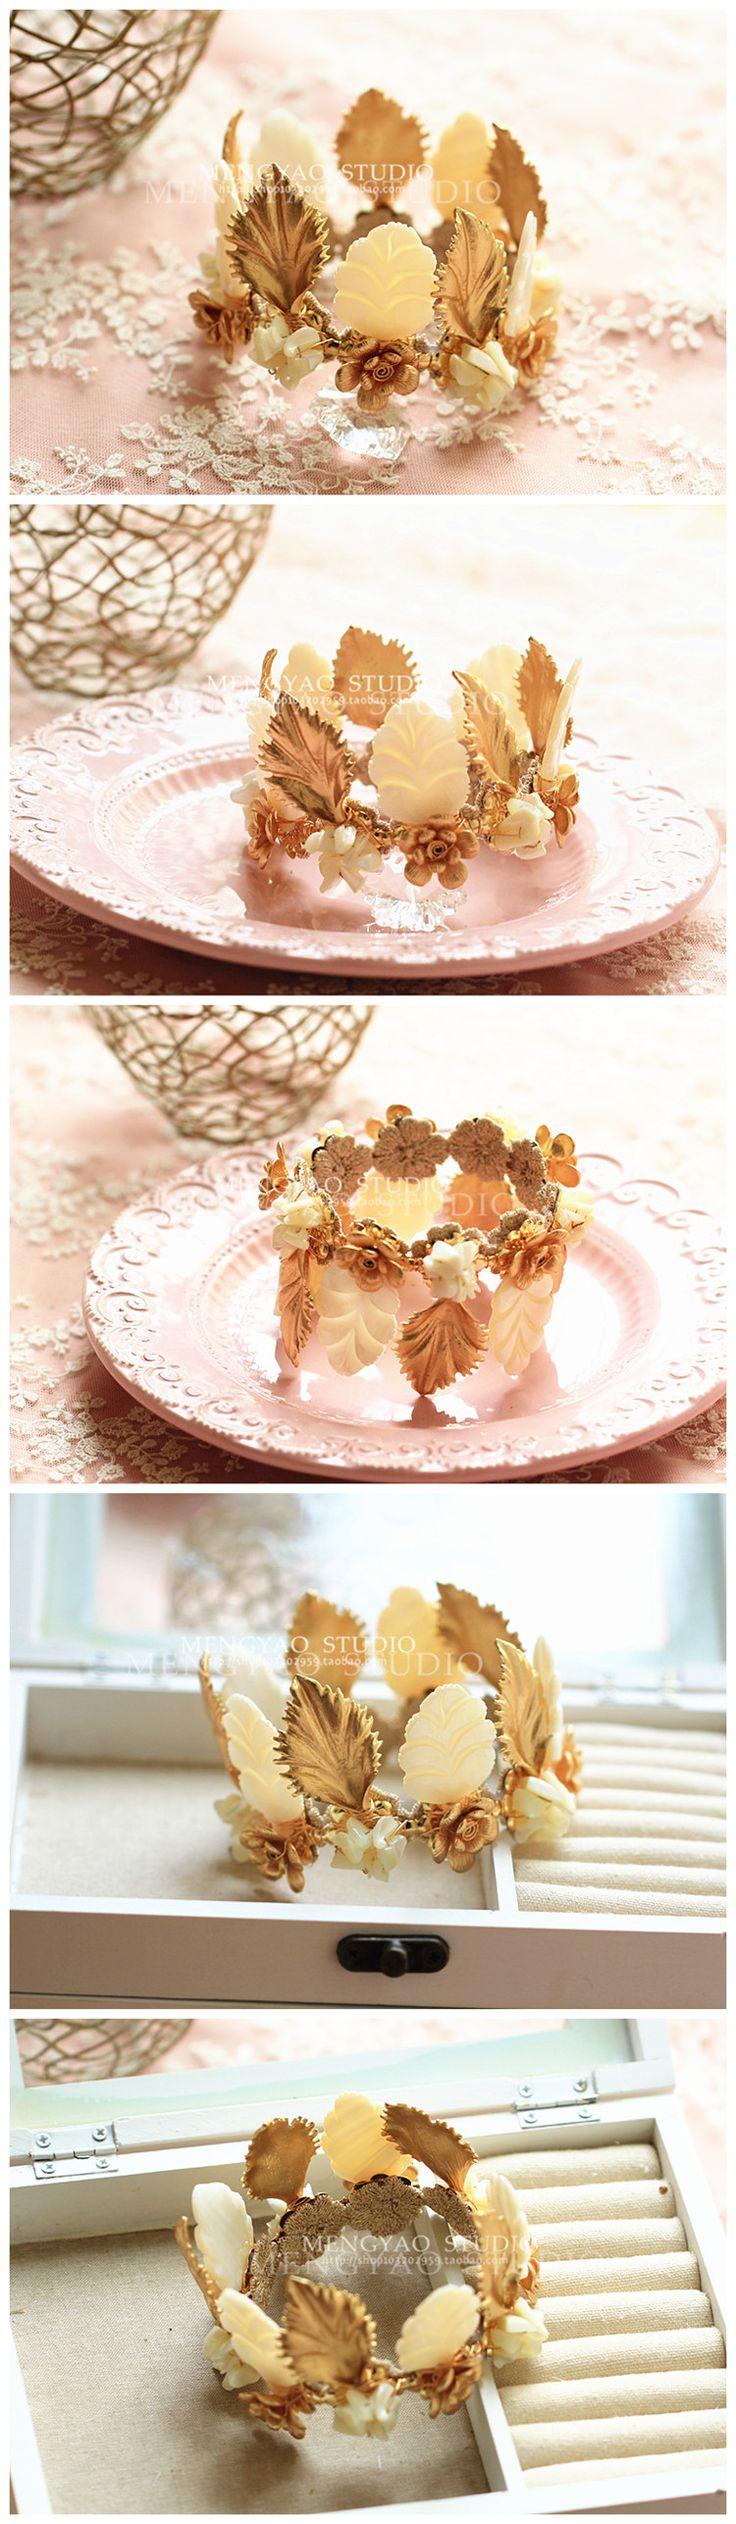 Ватикан Си Дия подлинной сусальное золото барокко небольшие повязки корона ручной работы украшения для волос свадебные украшения свадебный головной убор - Taobao